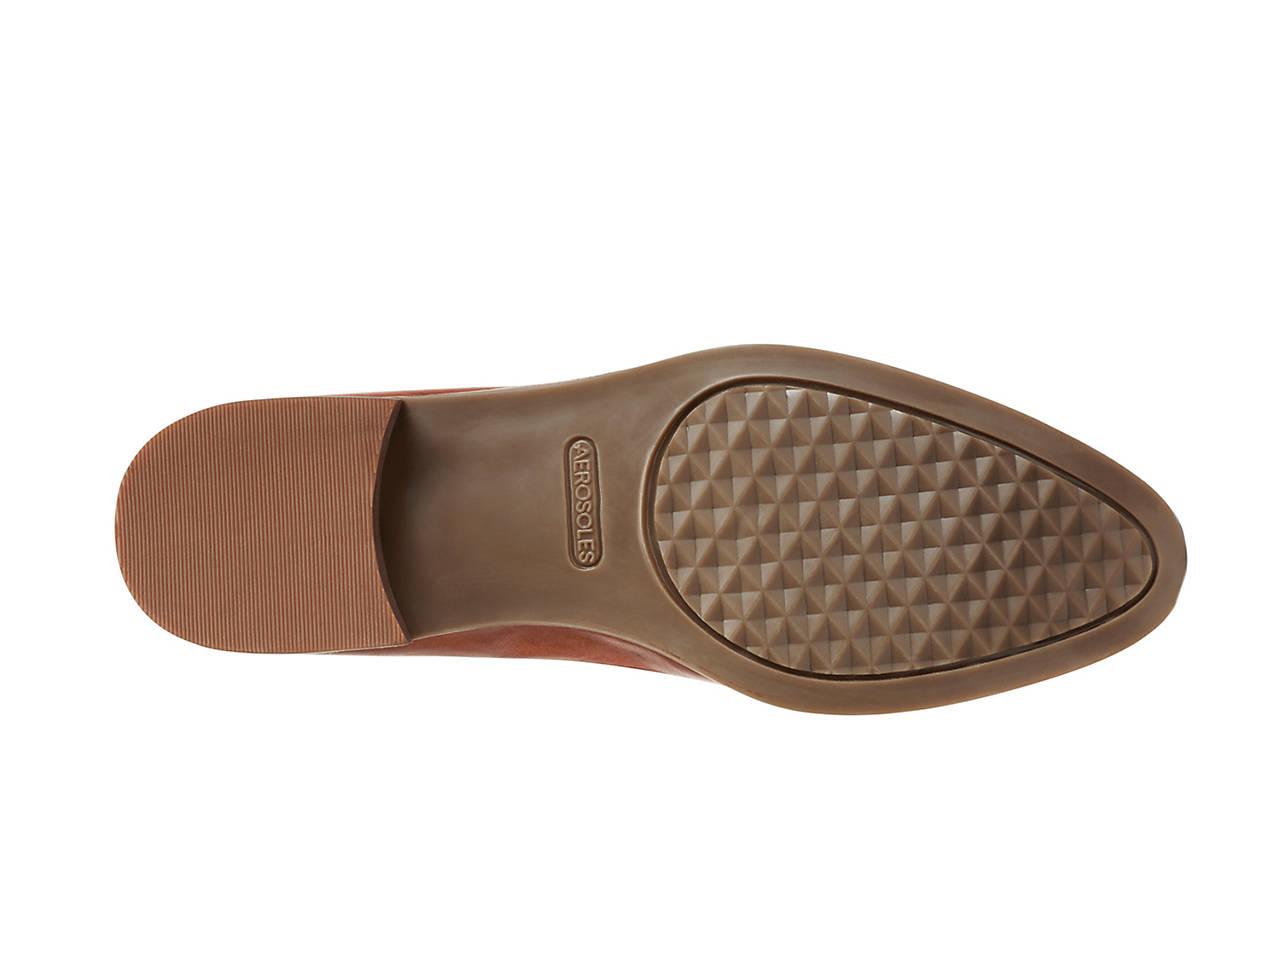 a7ec924ead4 Aerosoles East Side Loafer Women s Shoes